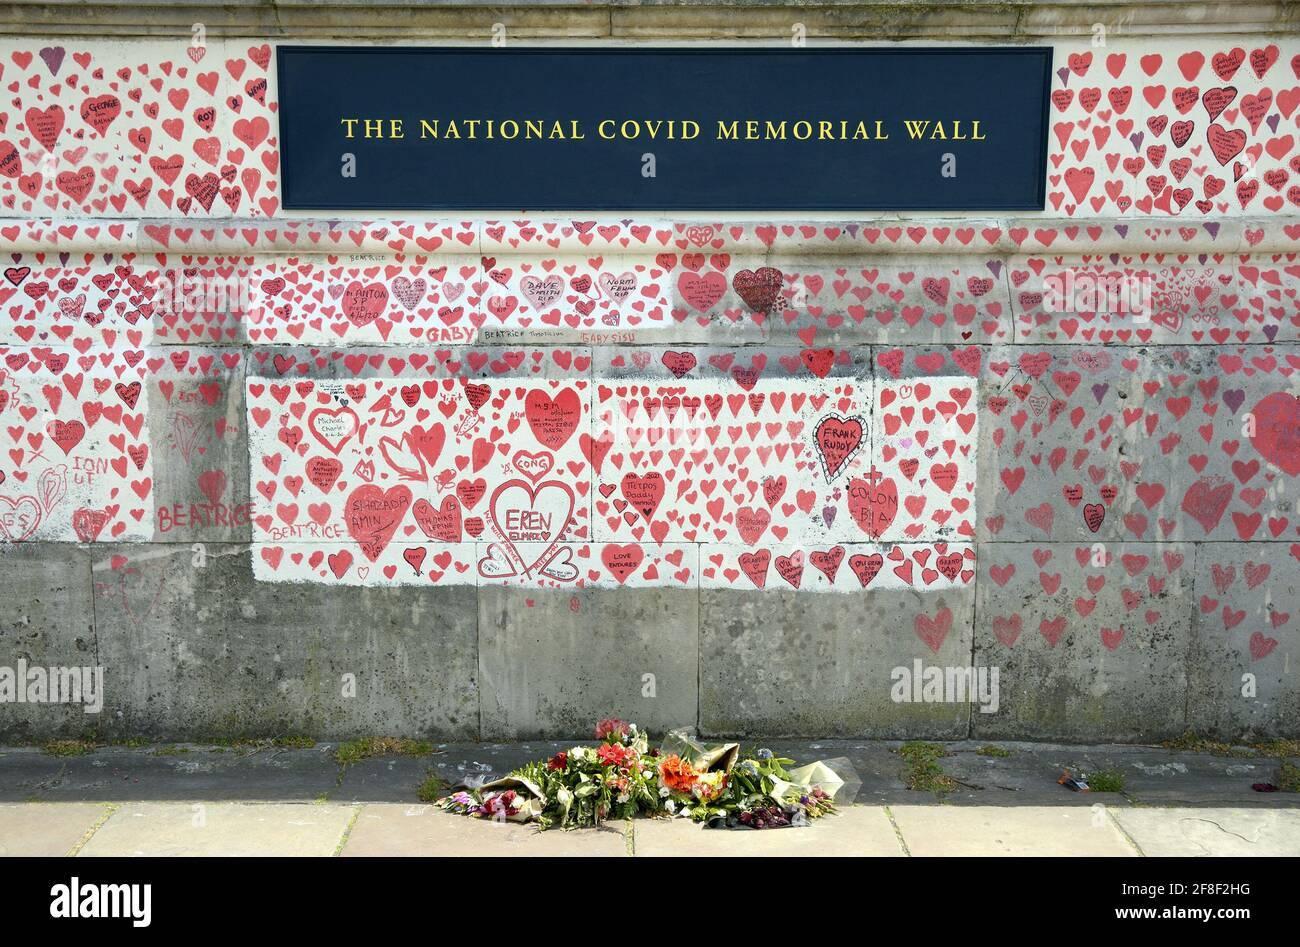 Londra, Inghilterra, Regno Unito. National Covid Memorial Wall lungo il Tamigi Embankment, di fronte al Parlamento, c150mila cuori commemorando gli li Foto Stock